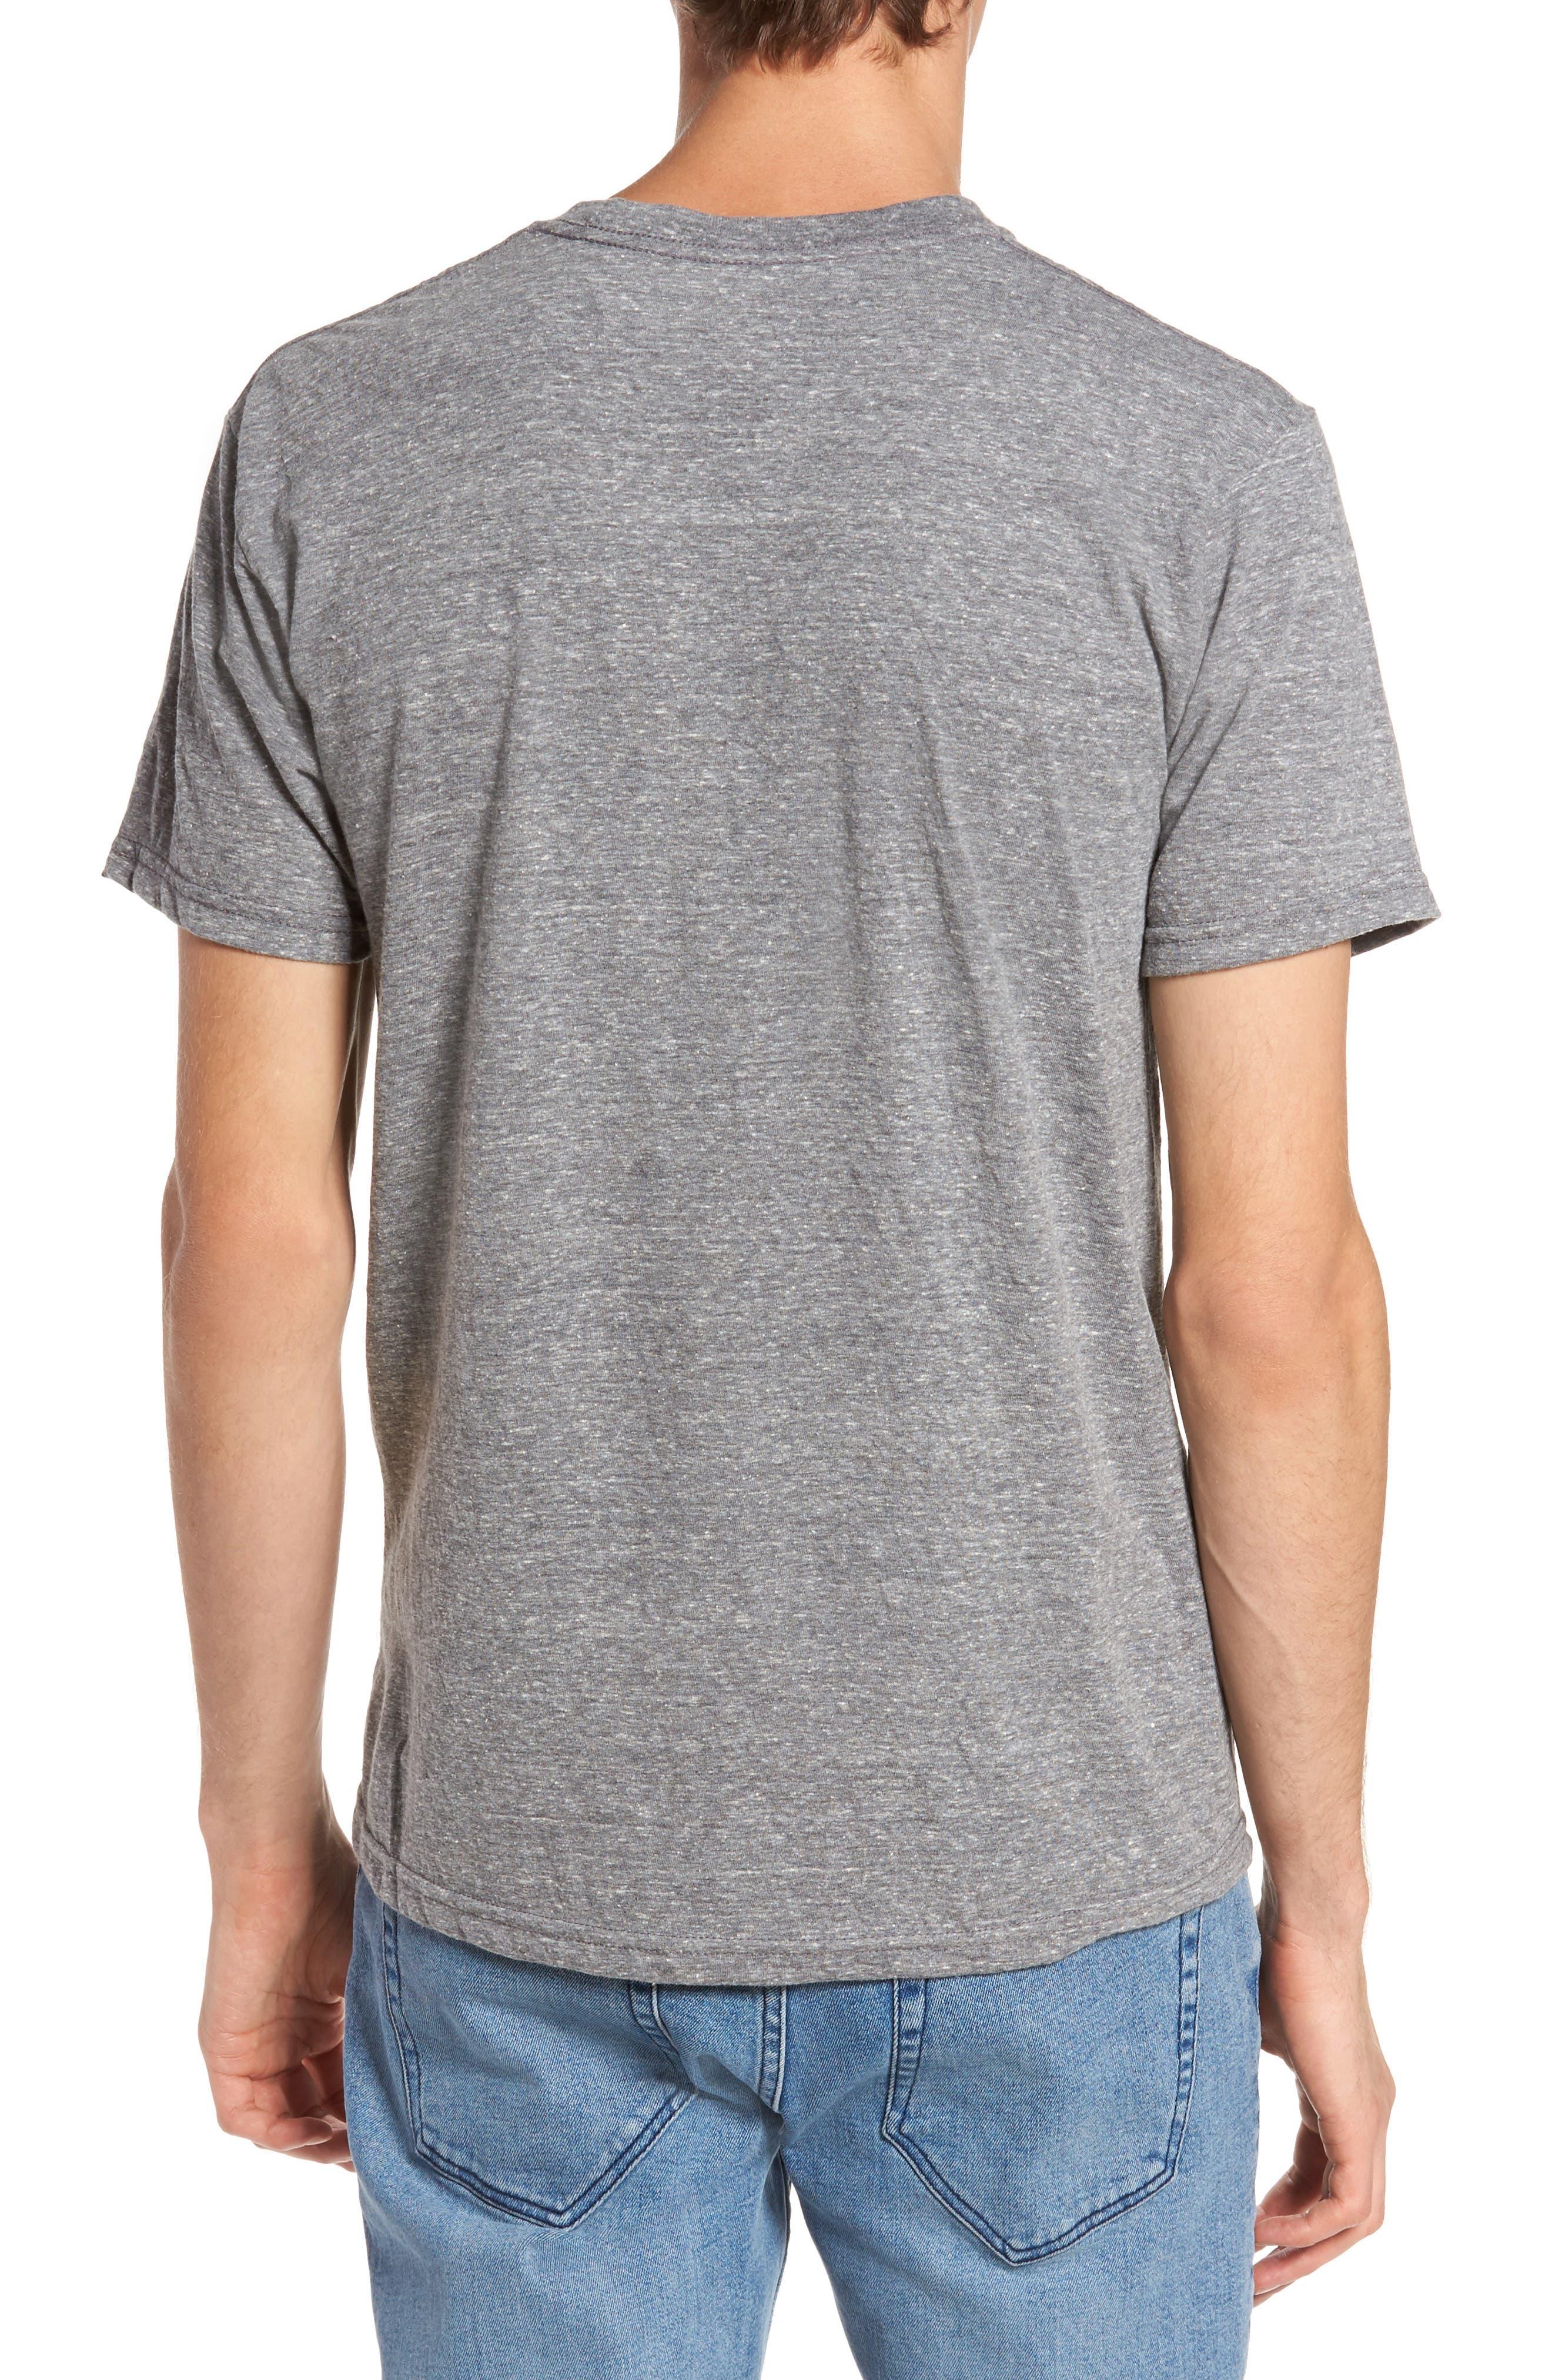 Burning Marshmallows T-Shirt,                             Alternate thumbnail 2, color,